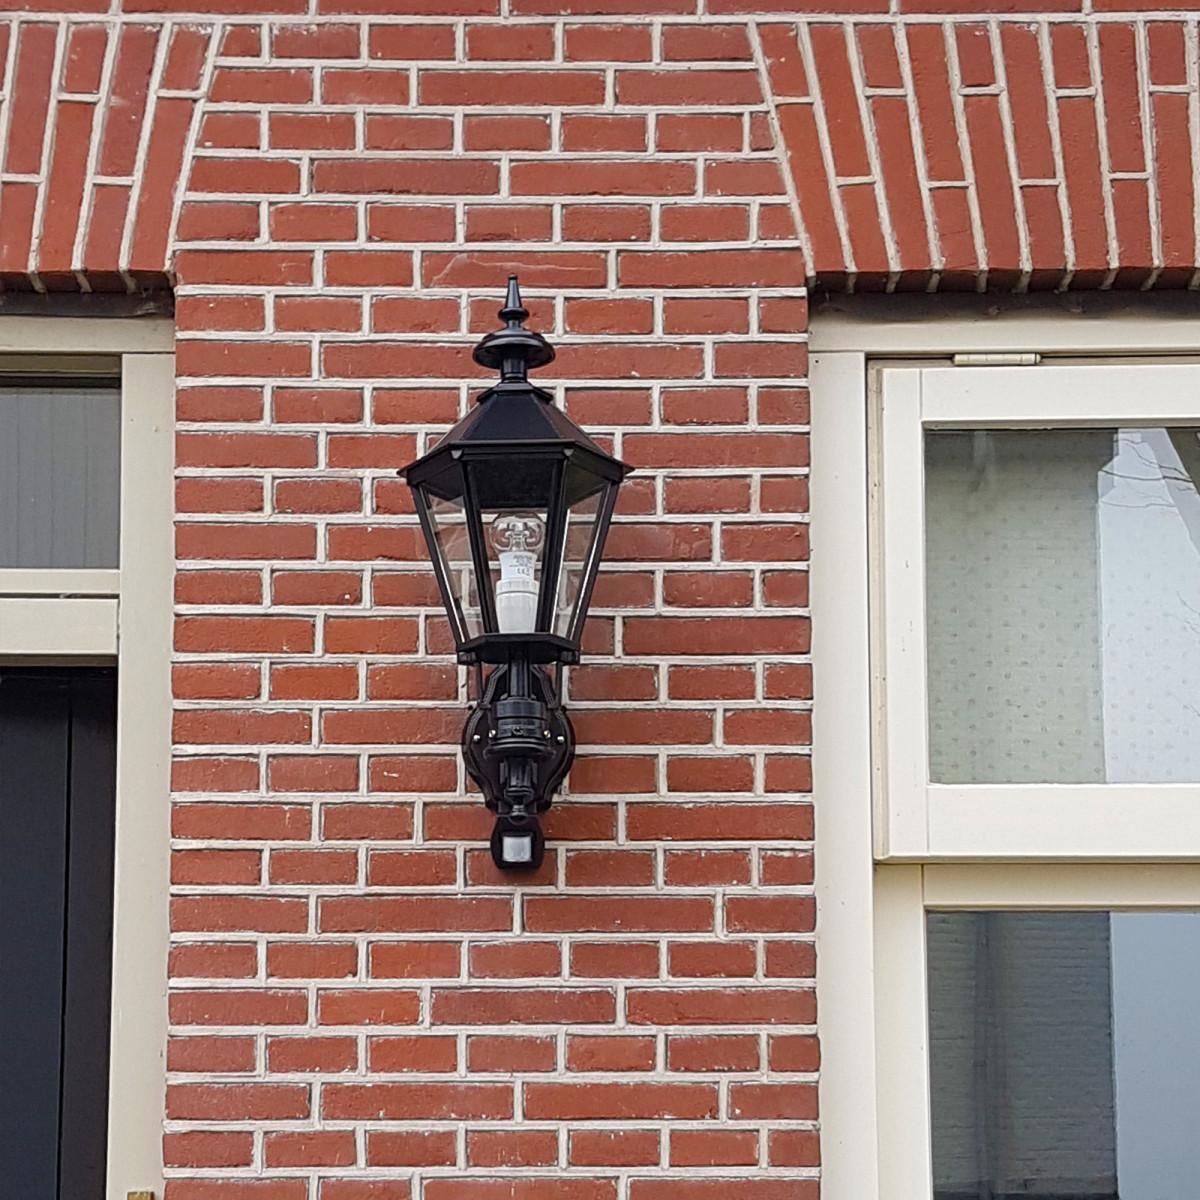 Muurlamp Bolton met sensor